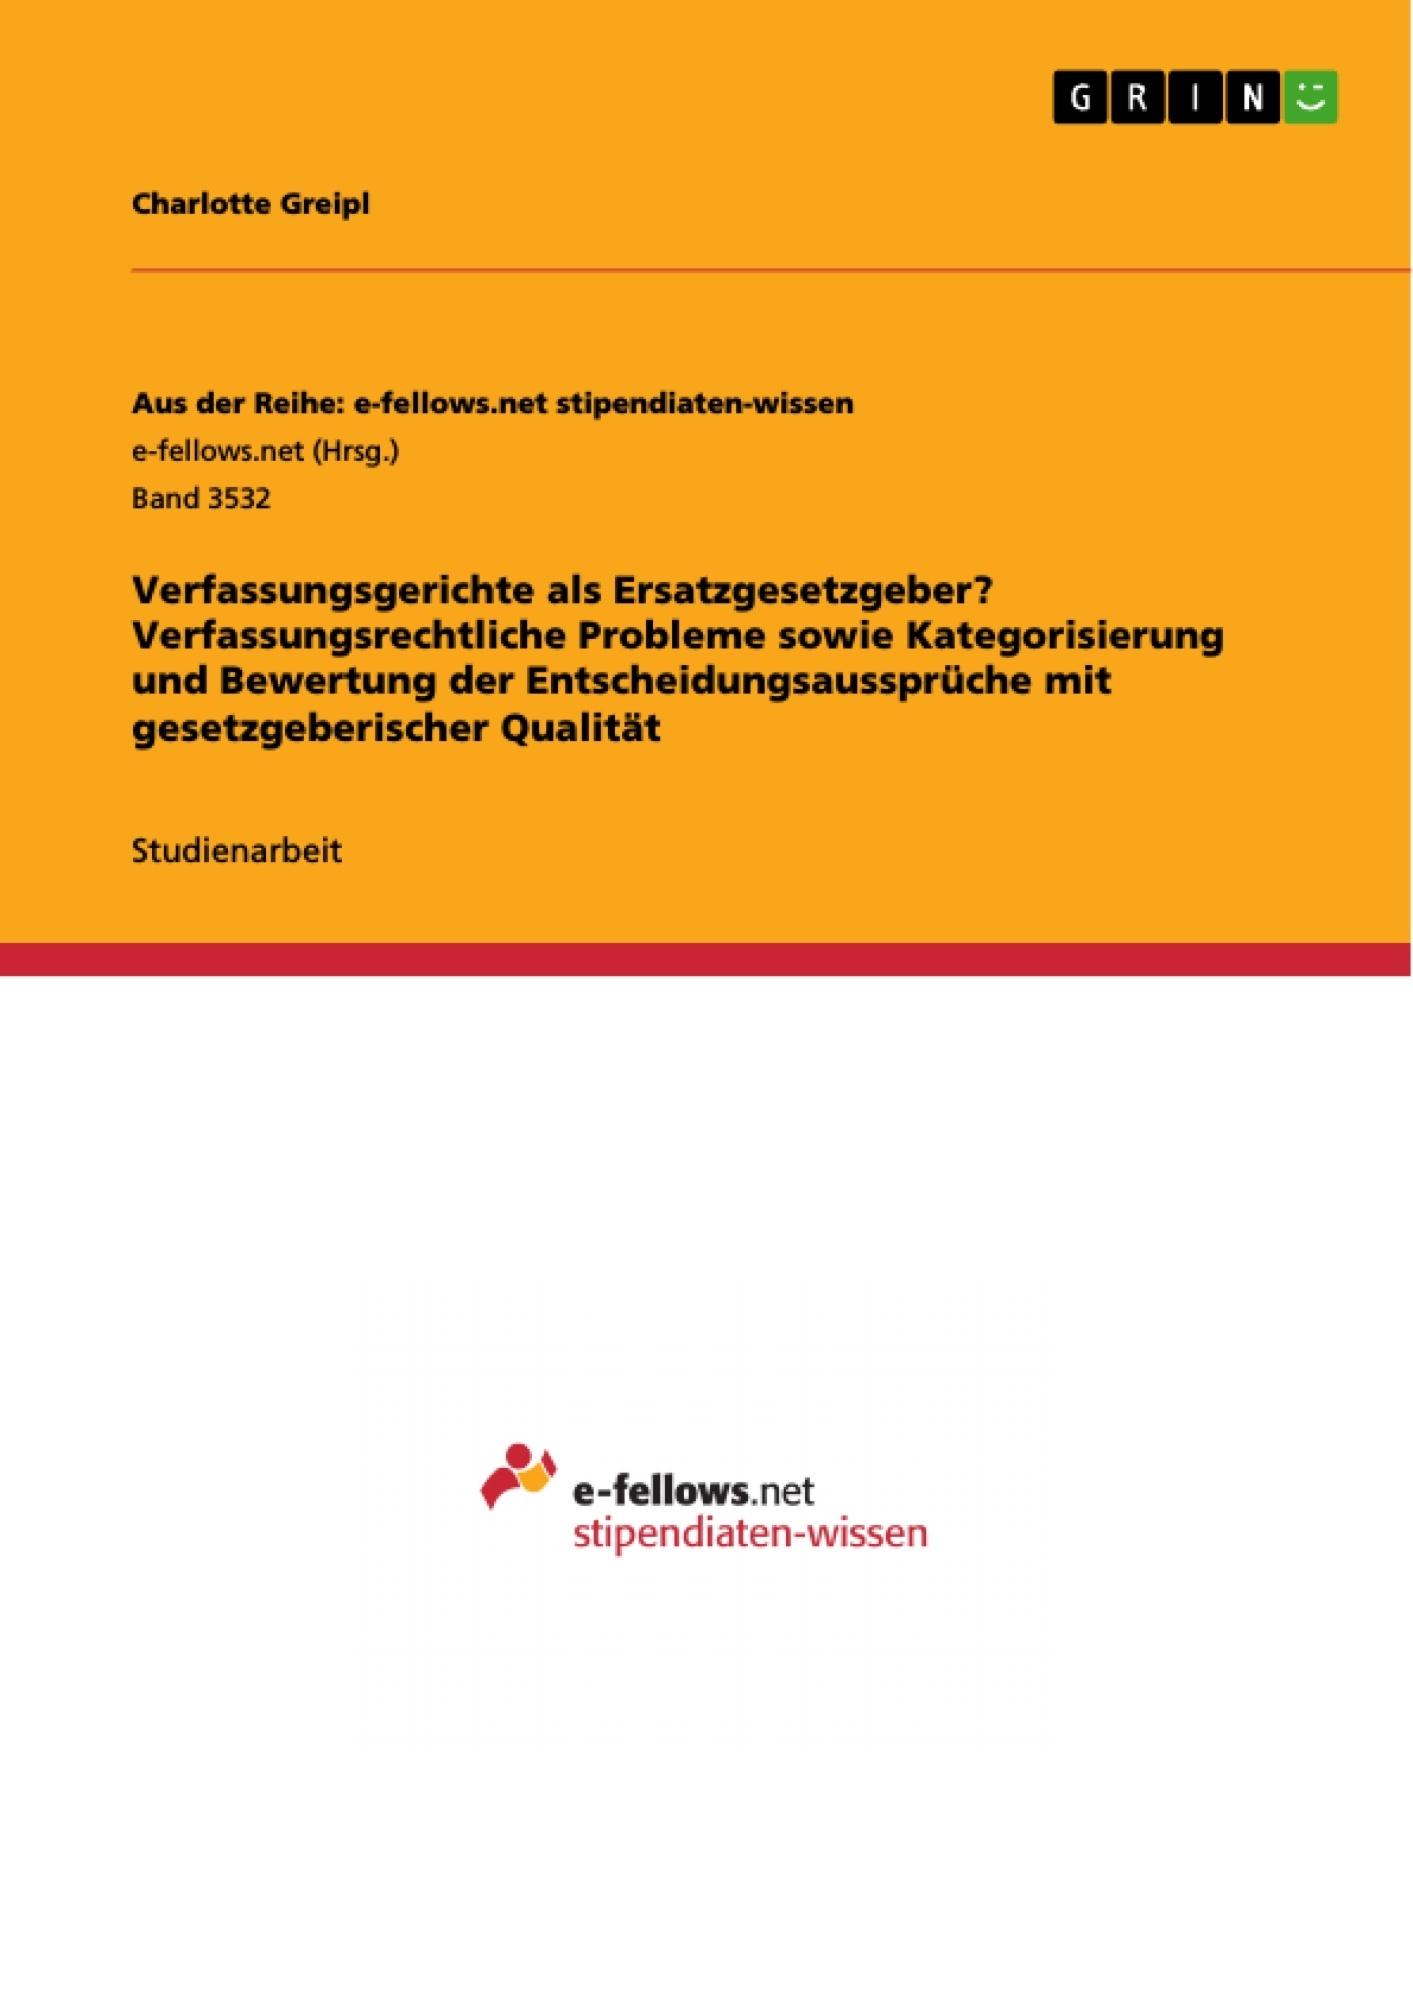 Titel: Verfassungsgerichte als Ersatzgesetzgeber? Verfassungsrechtliche Probleme sowie Kategorisierung und Bewertung der Entscheidungsaussprüche mit gesetzgeberischer Qualität